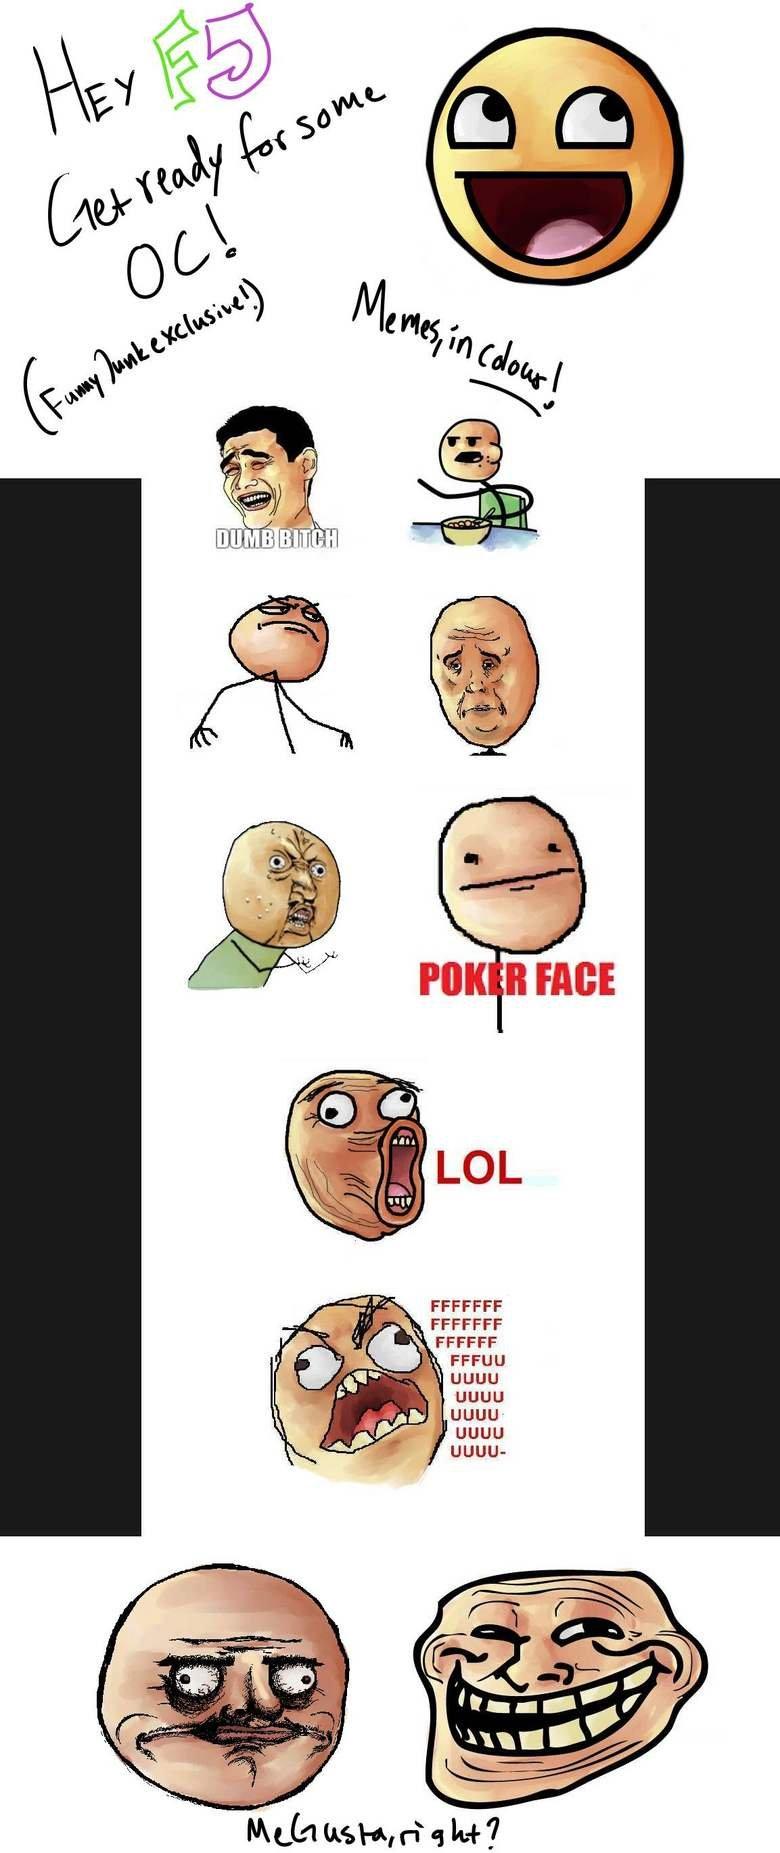 Memes in Colour. Coloured memes!<br /> OC. I LOL FFCCFF UGUU y; uguu UGUU uguu- irc, Usbs, rt,. if there colured how come there all white??? meme Face colour OC